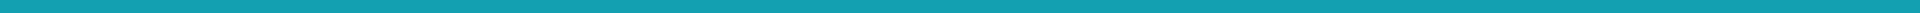 blue_bar.jpg